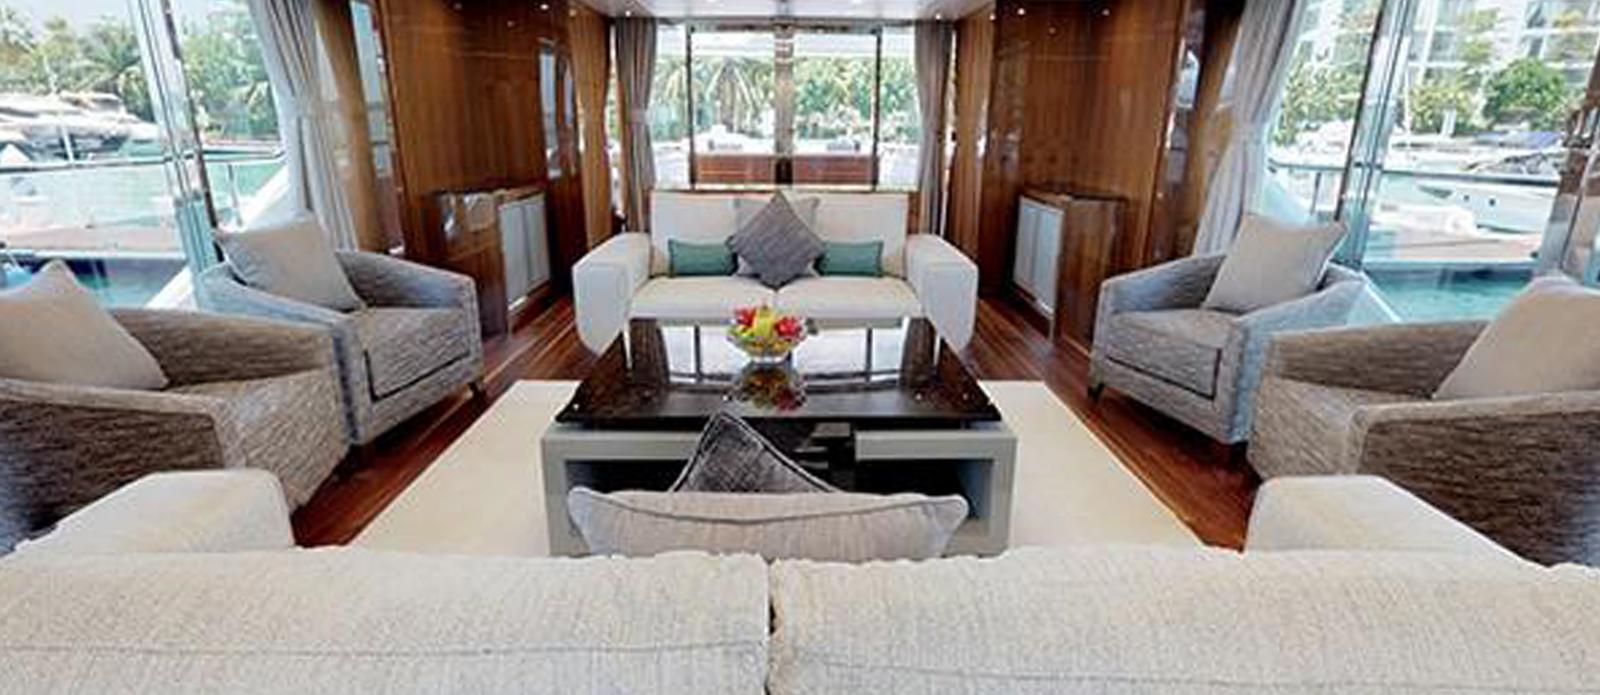 Sunseeker-116-Sport-Yacht-Priceless-15